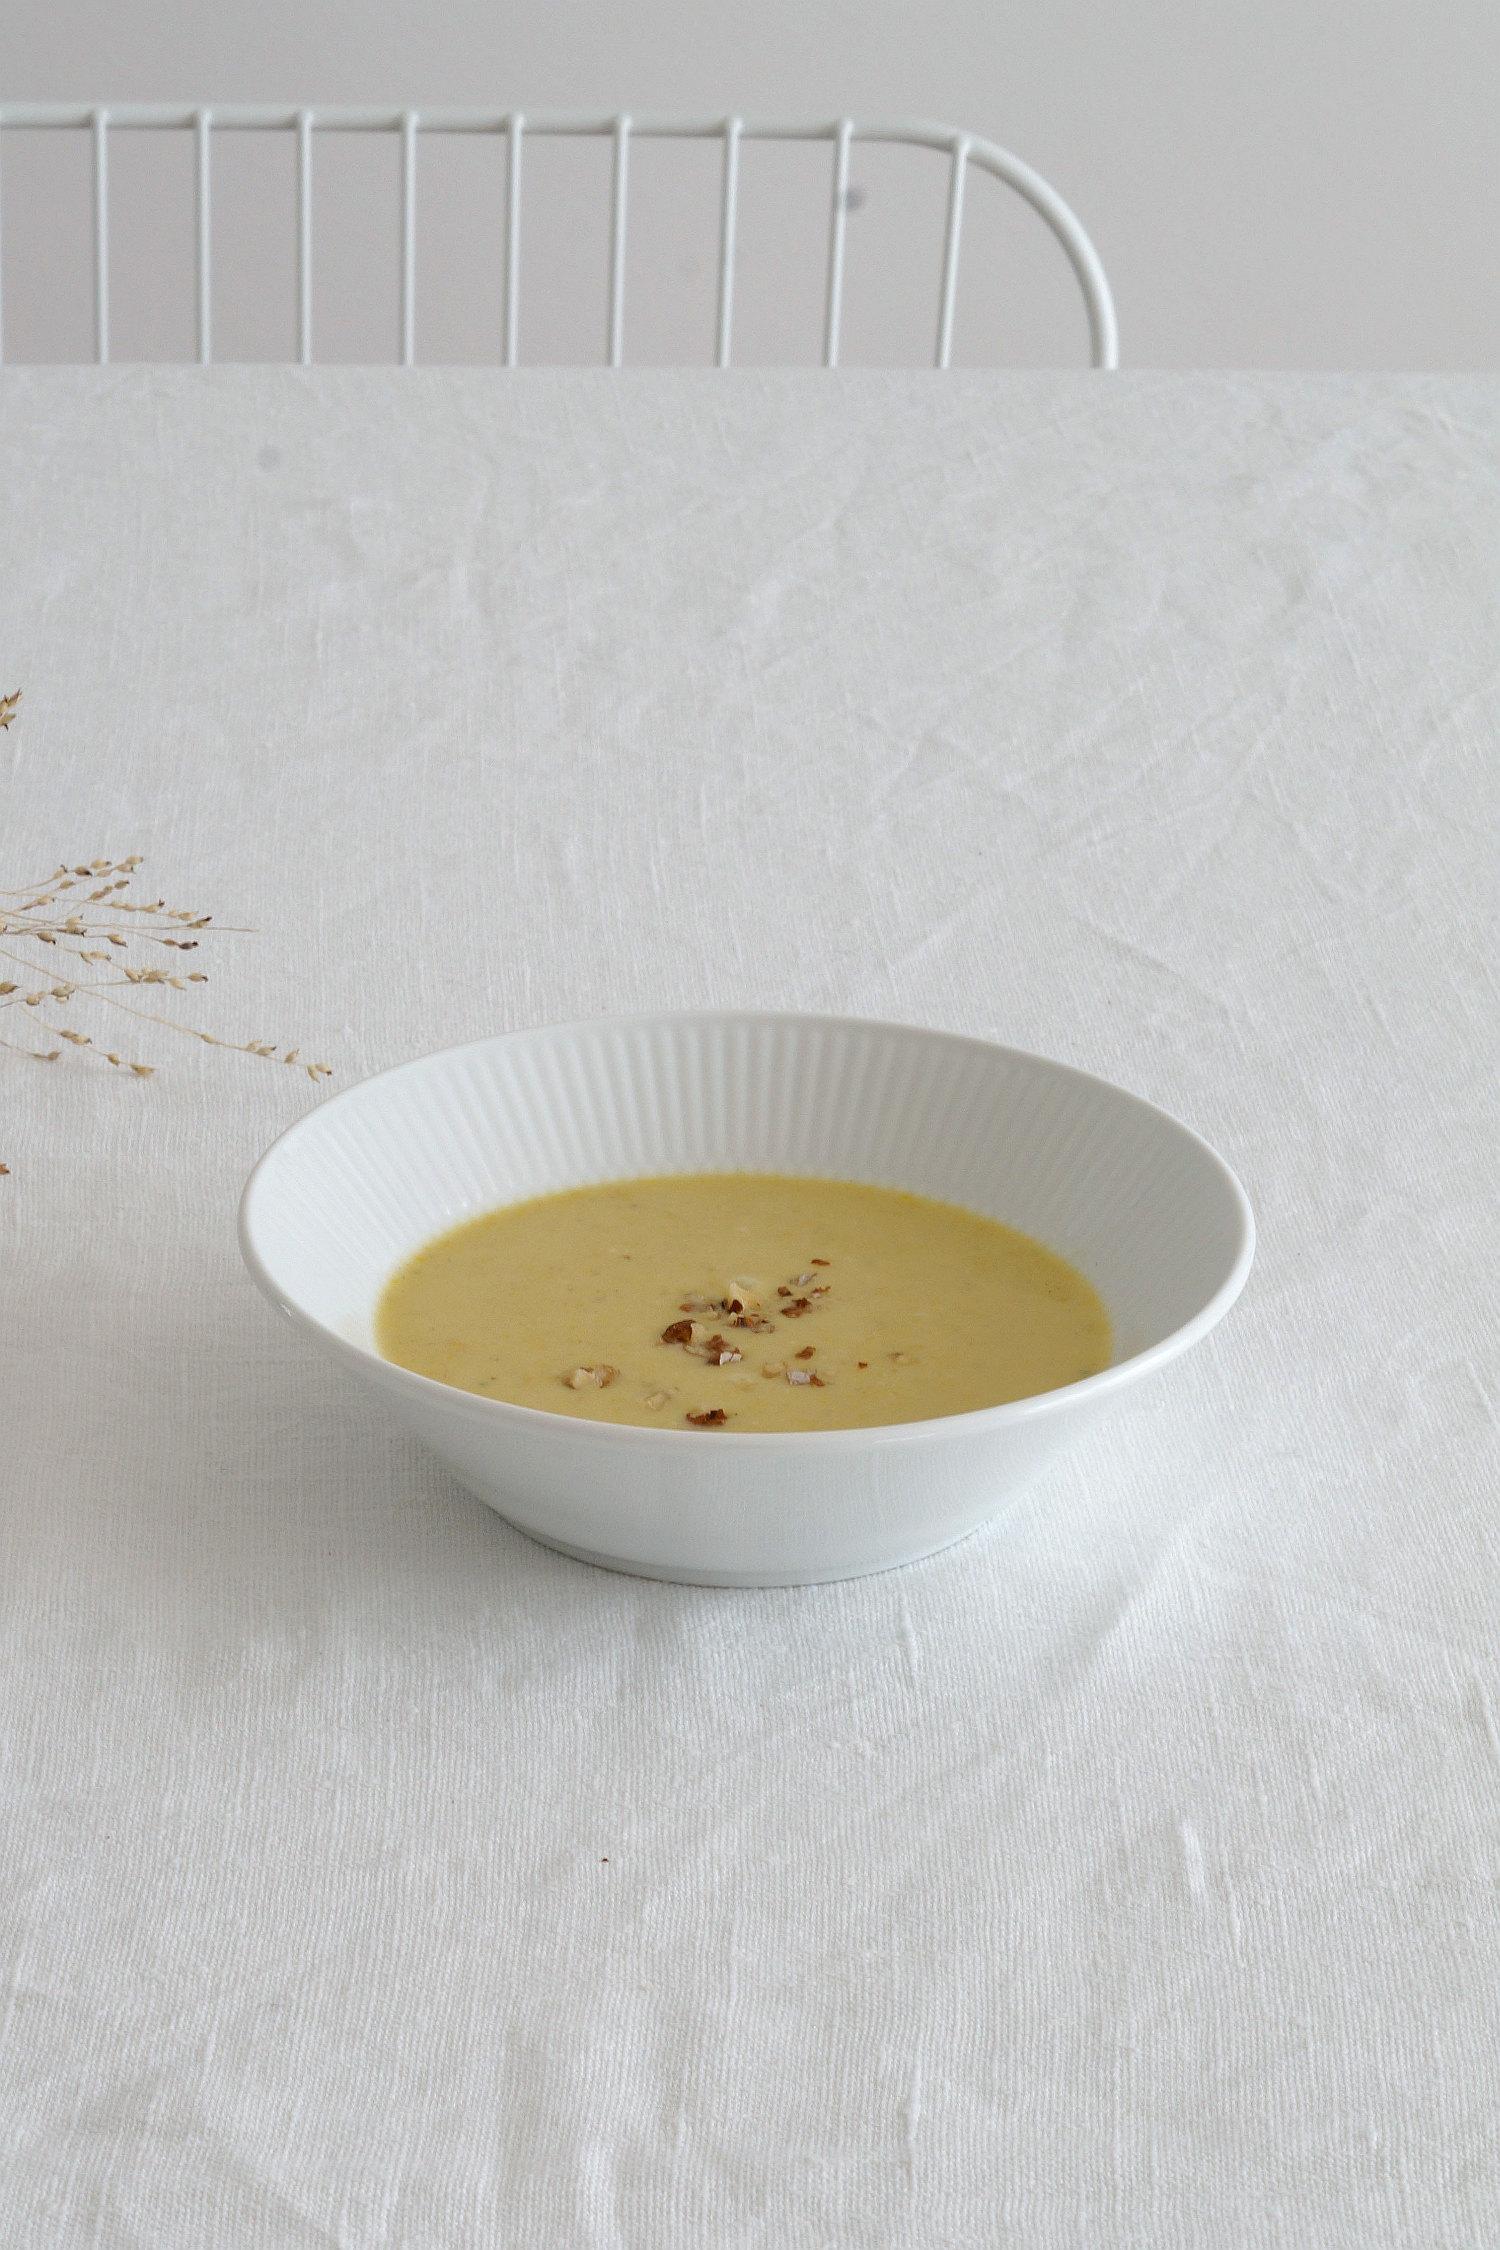 Rezept für Maissuppe auf azurweiss | Foto: Sabine Wittig